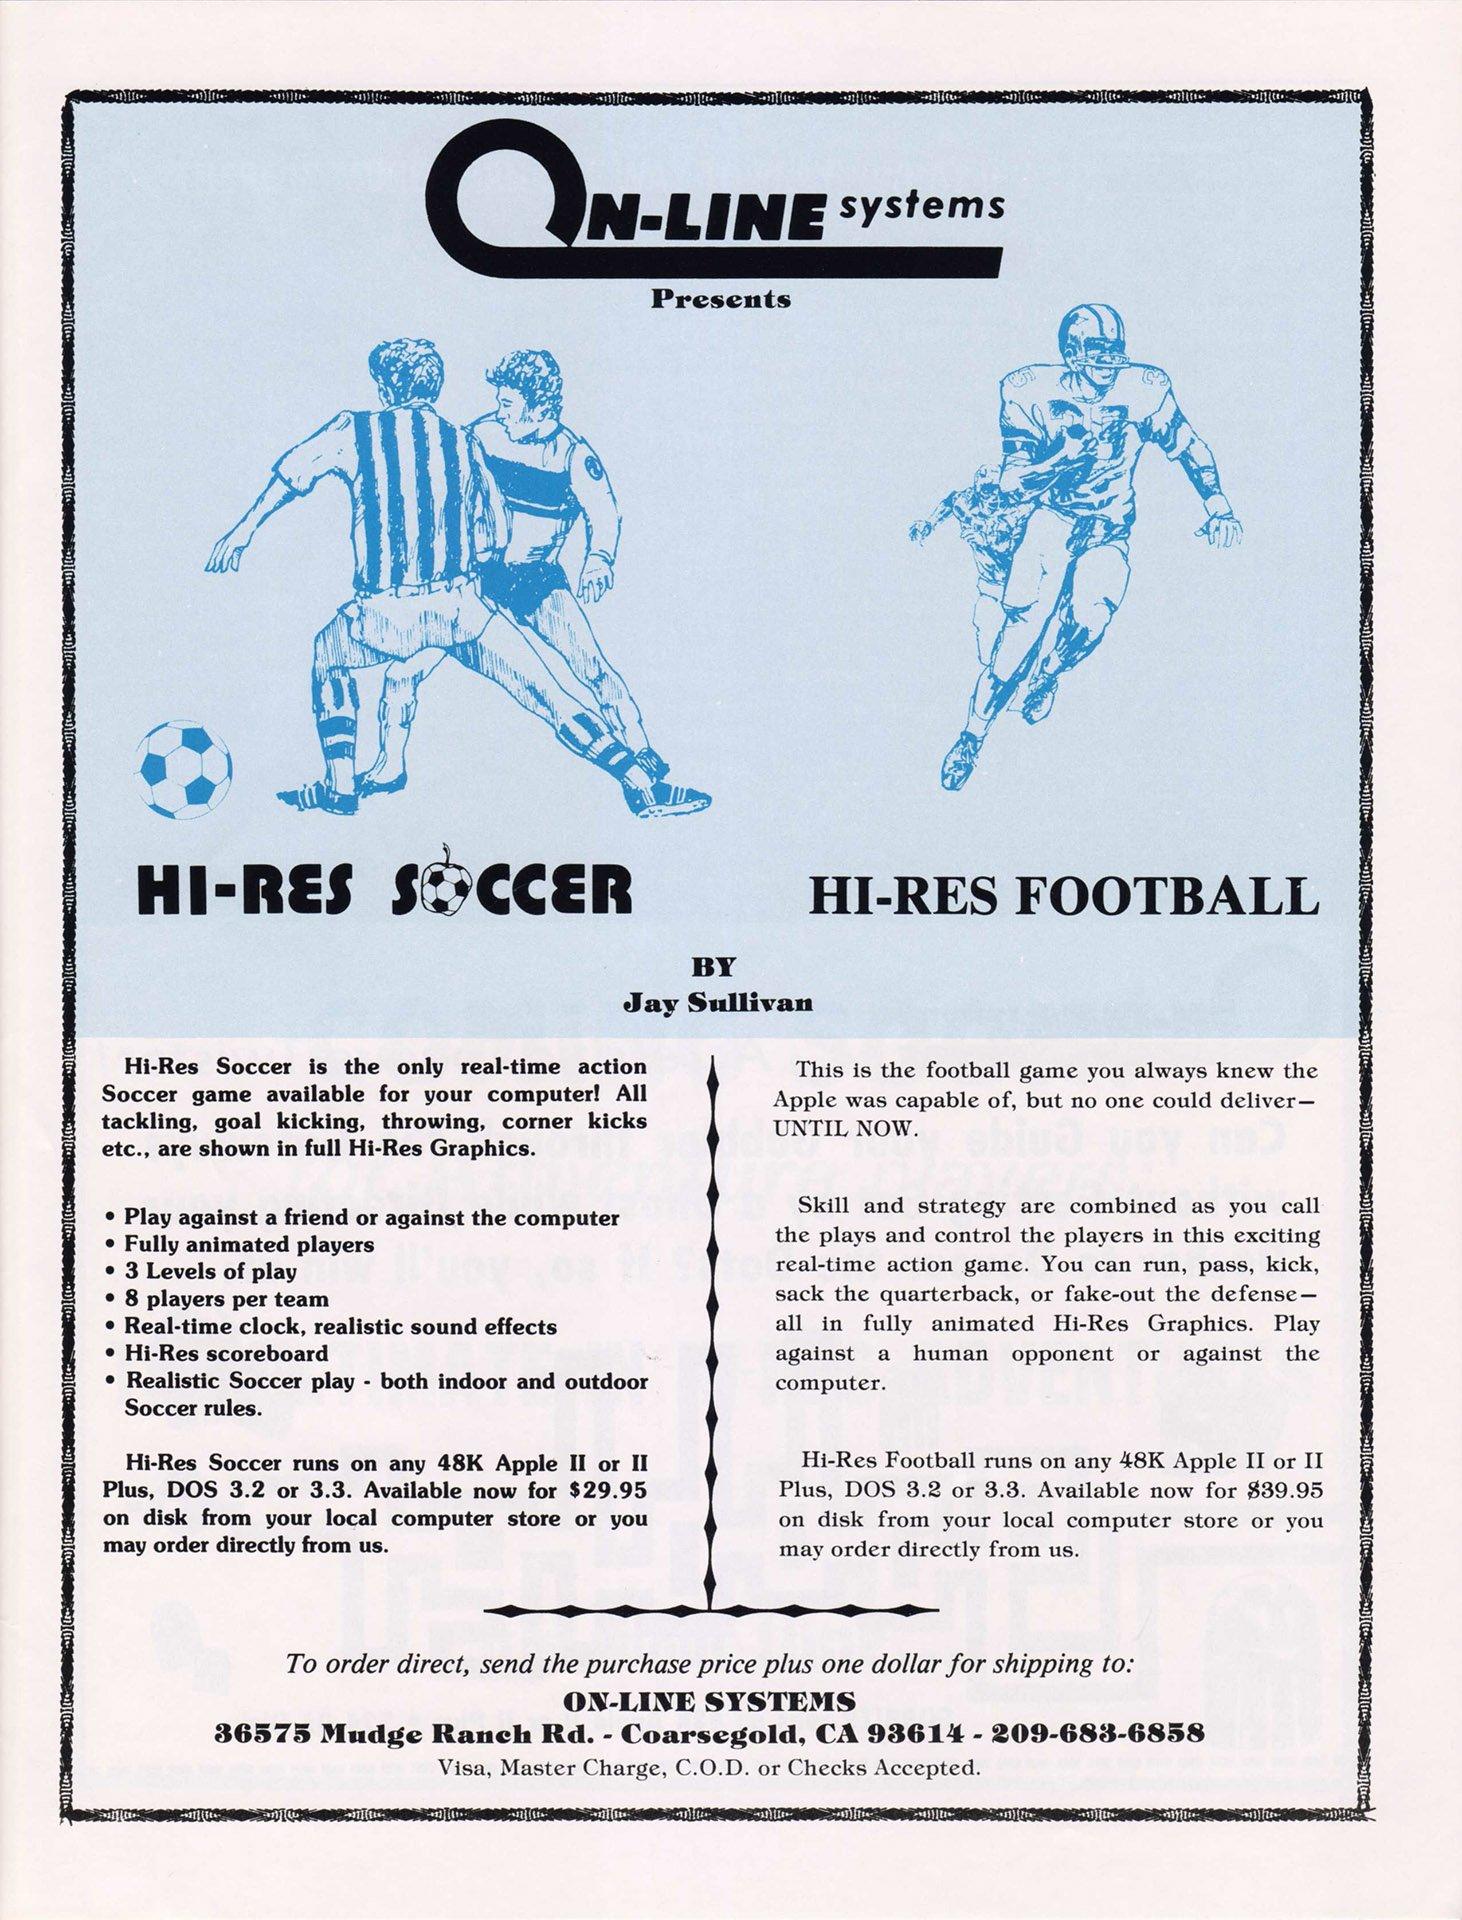 Hi-Res Soccer, Hi-Res Football